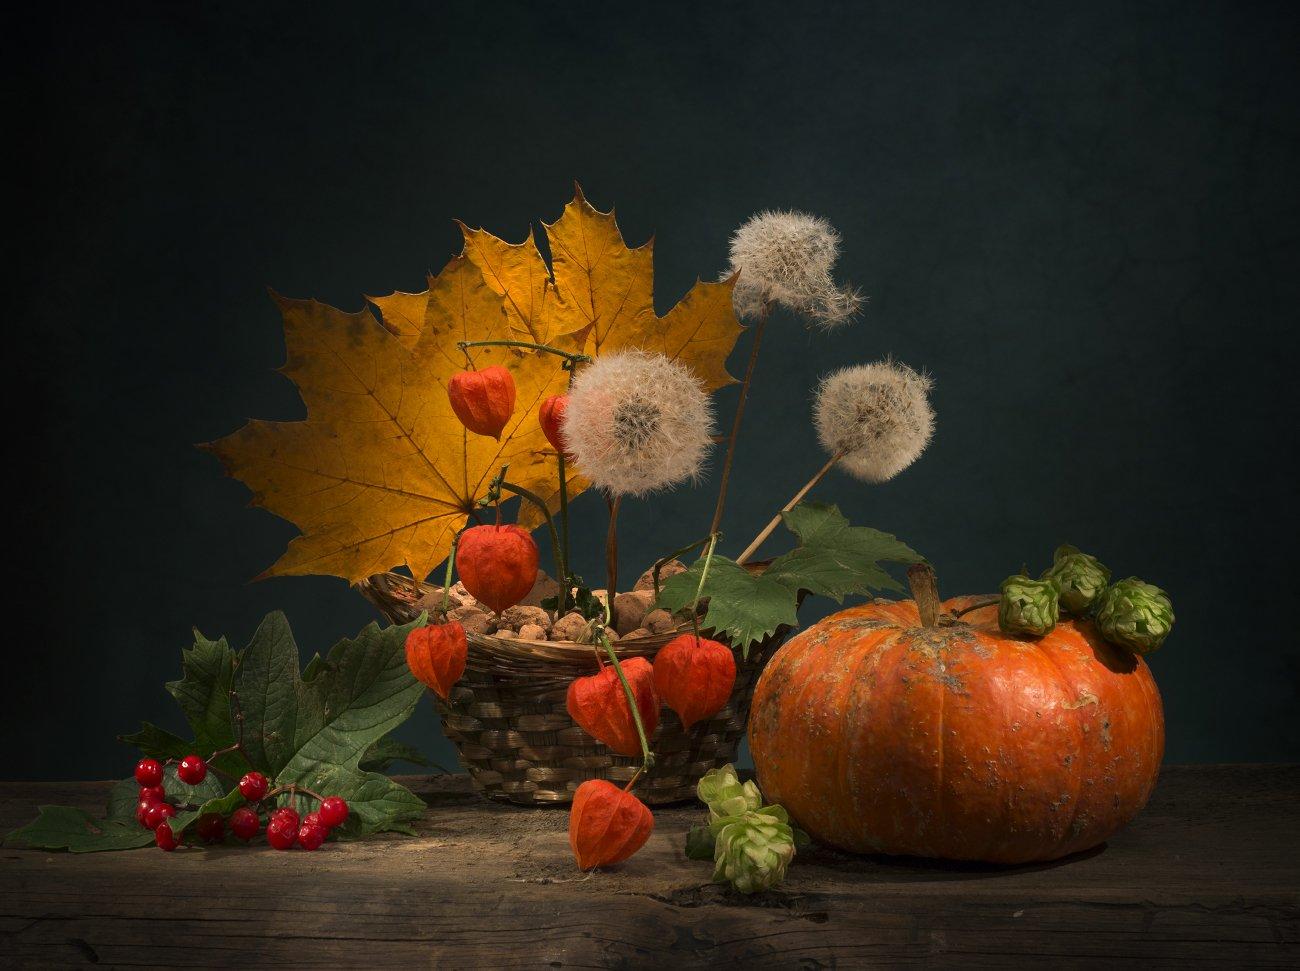 листья,одуванчики,калина,натюрморт,осень,физалисы,тыква, Елена Брежицкая